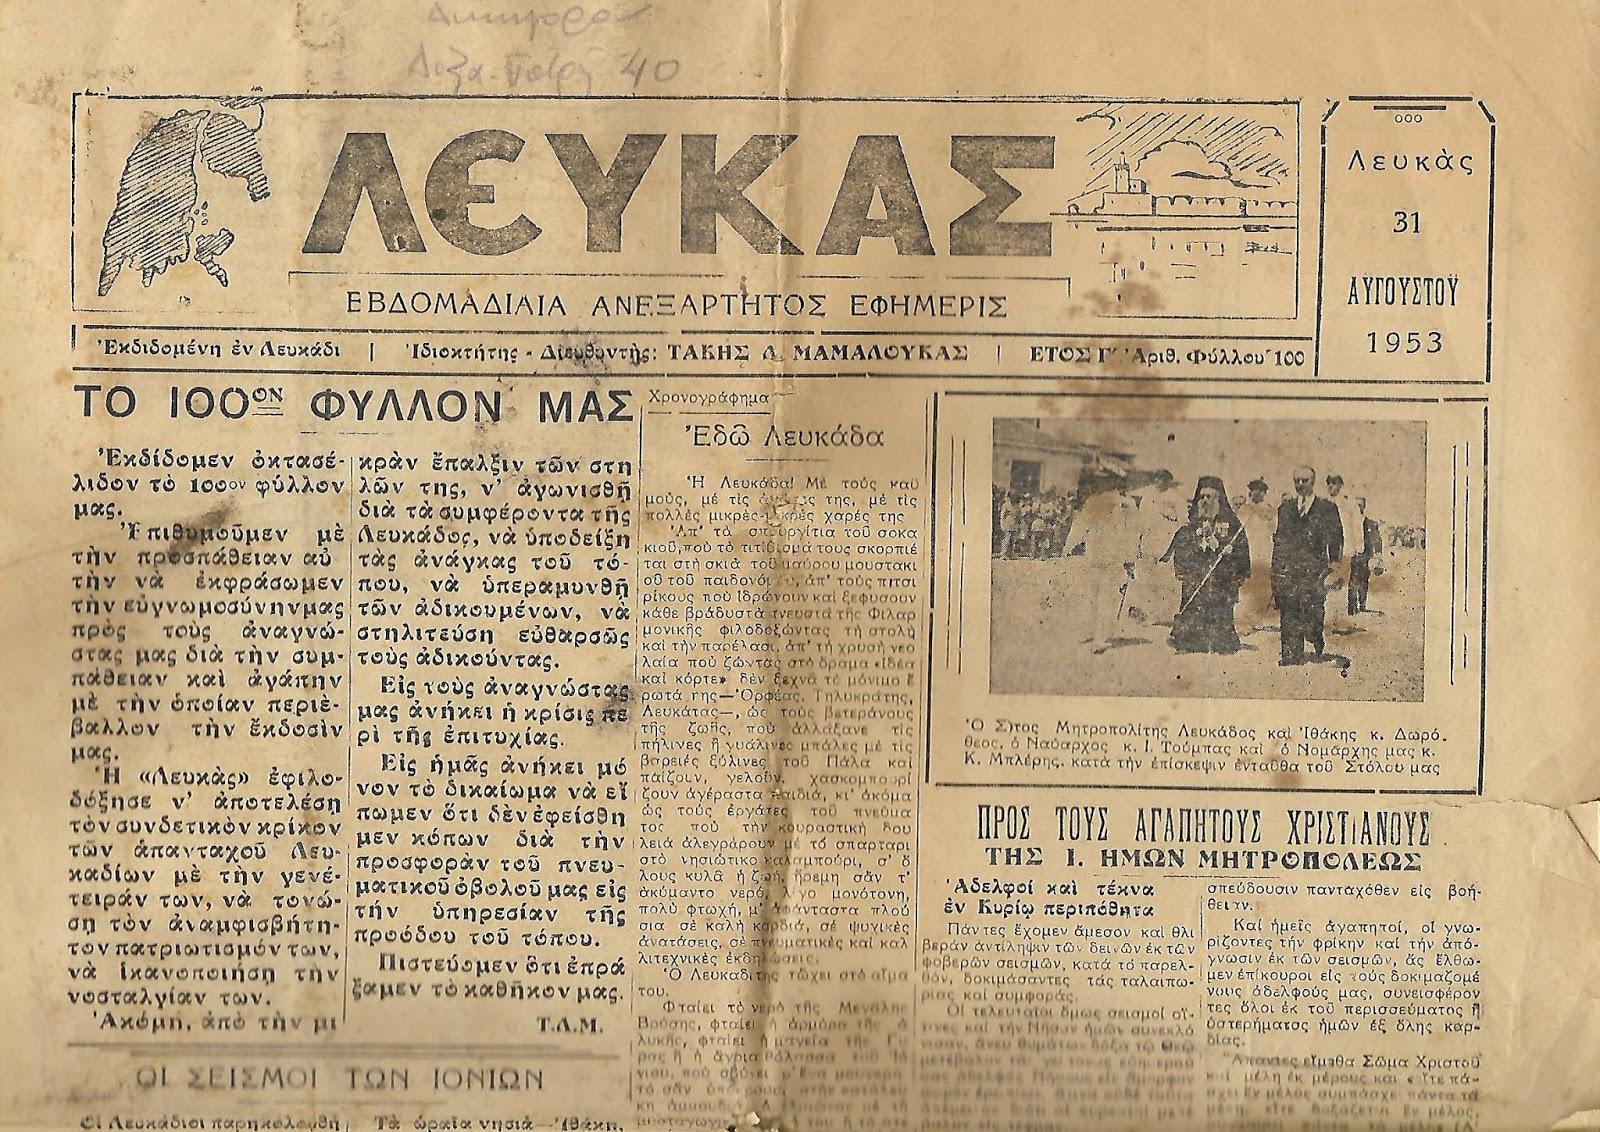 ΛΕΥΚΑΣ 31 08 1953